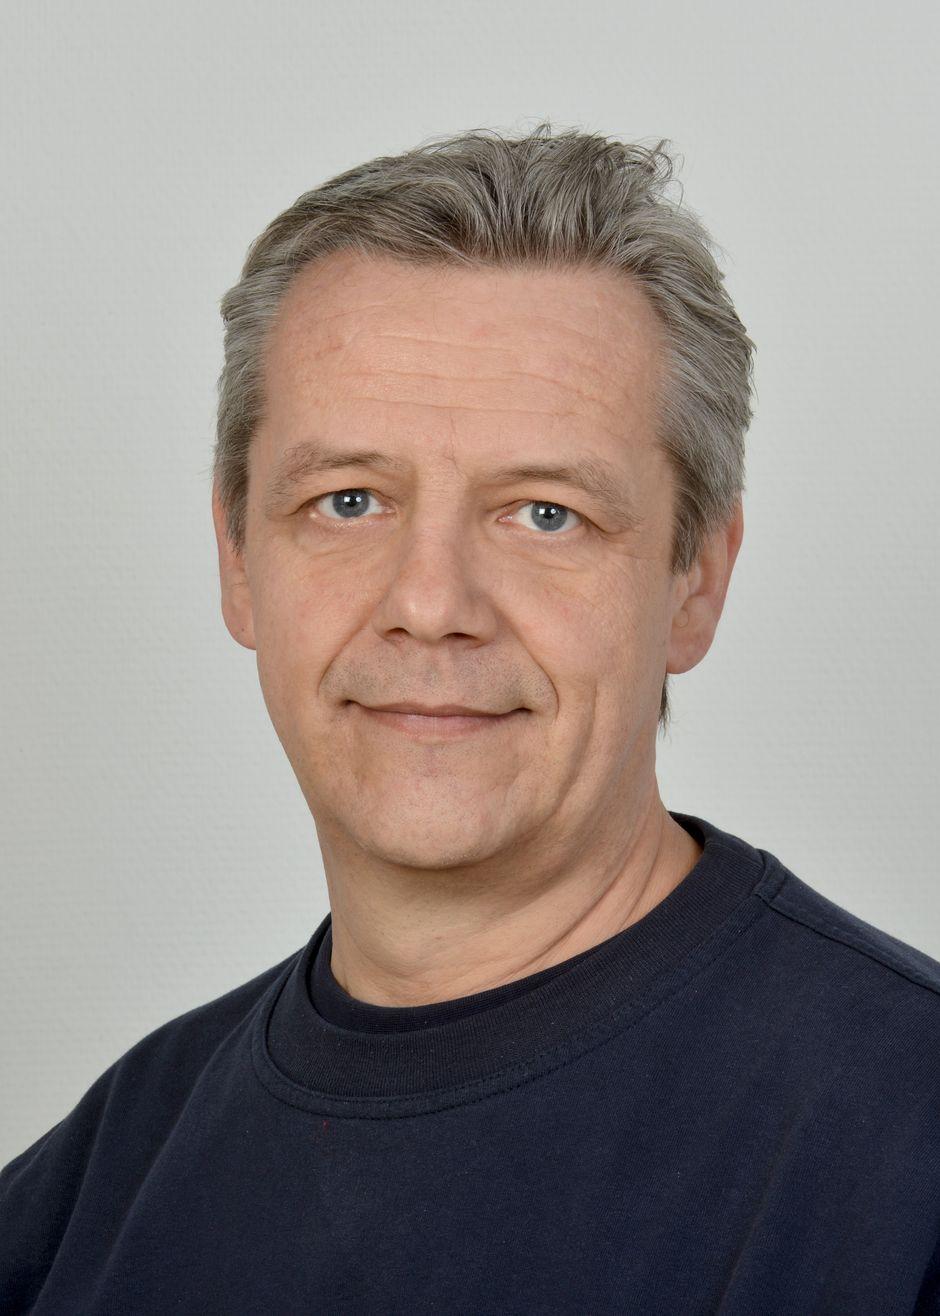 Karsten Bauer